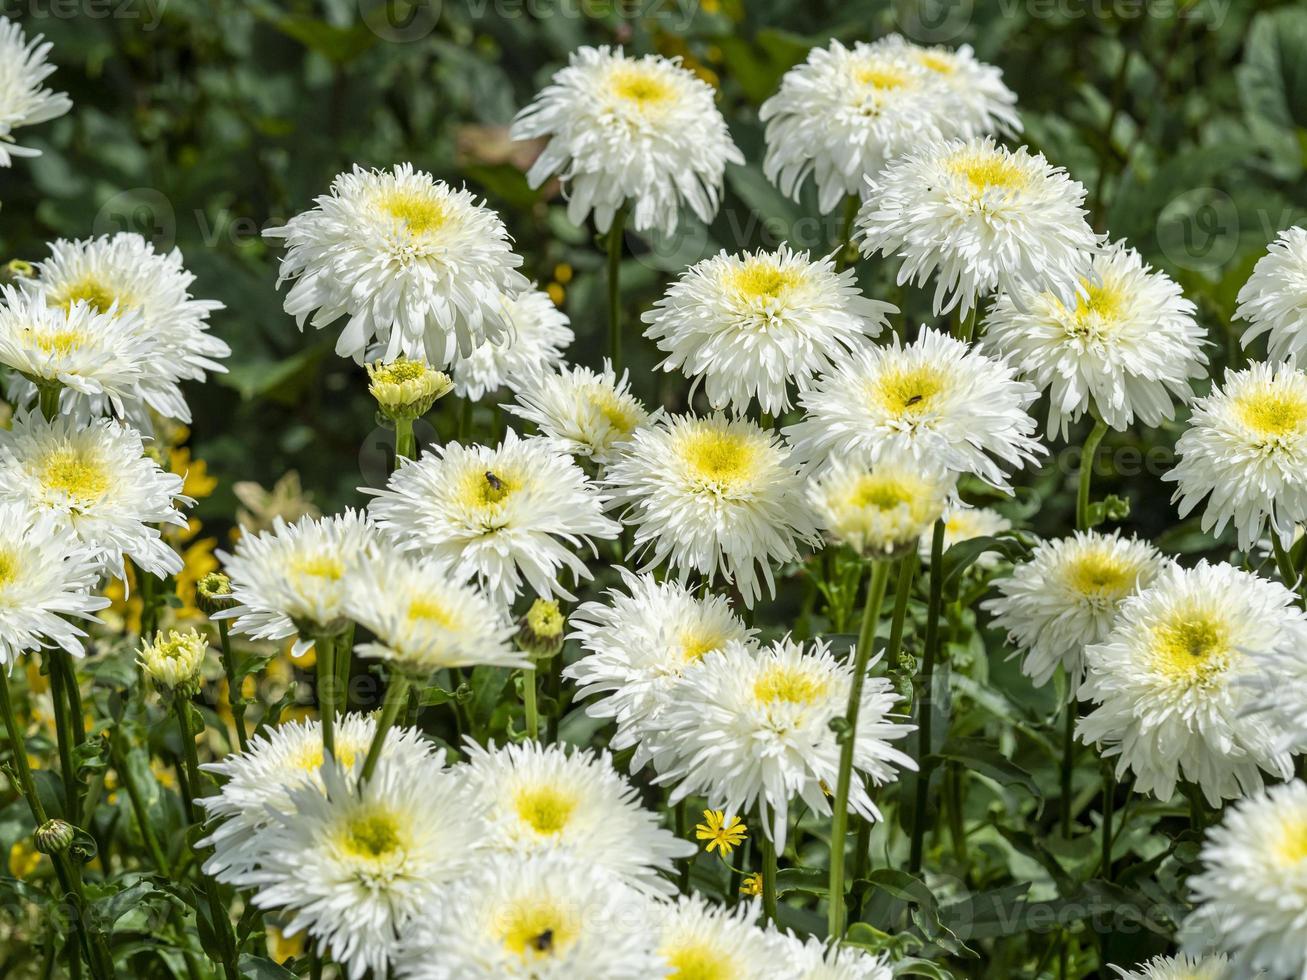 weiße und gelbe Shasta-Gänseblümchen in einem Garten foto